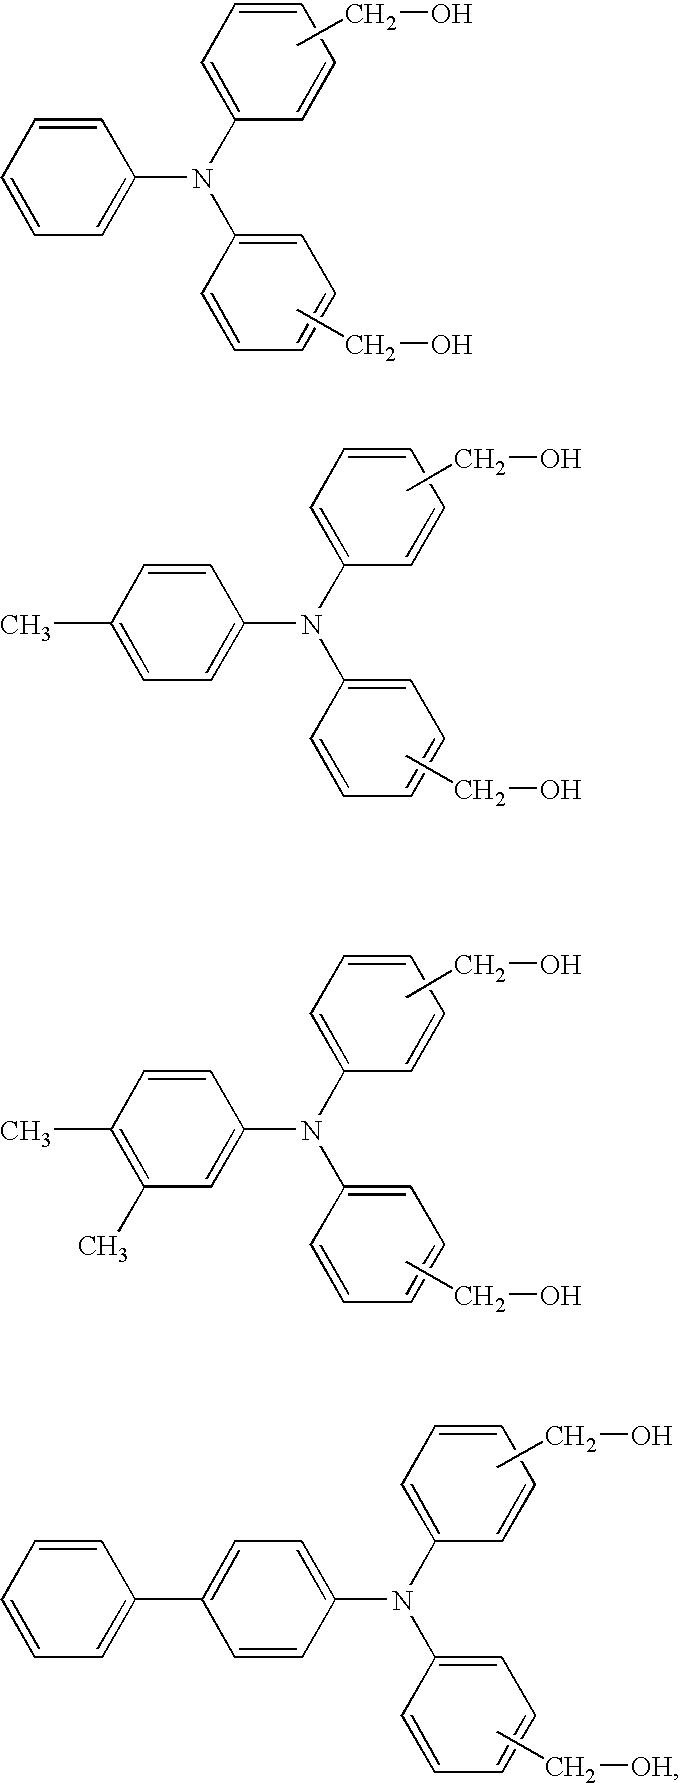 Figure US20100068636A1-20100318-C00007